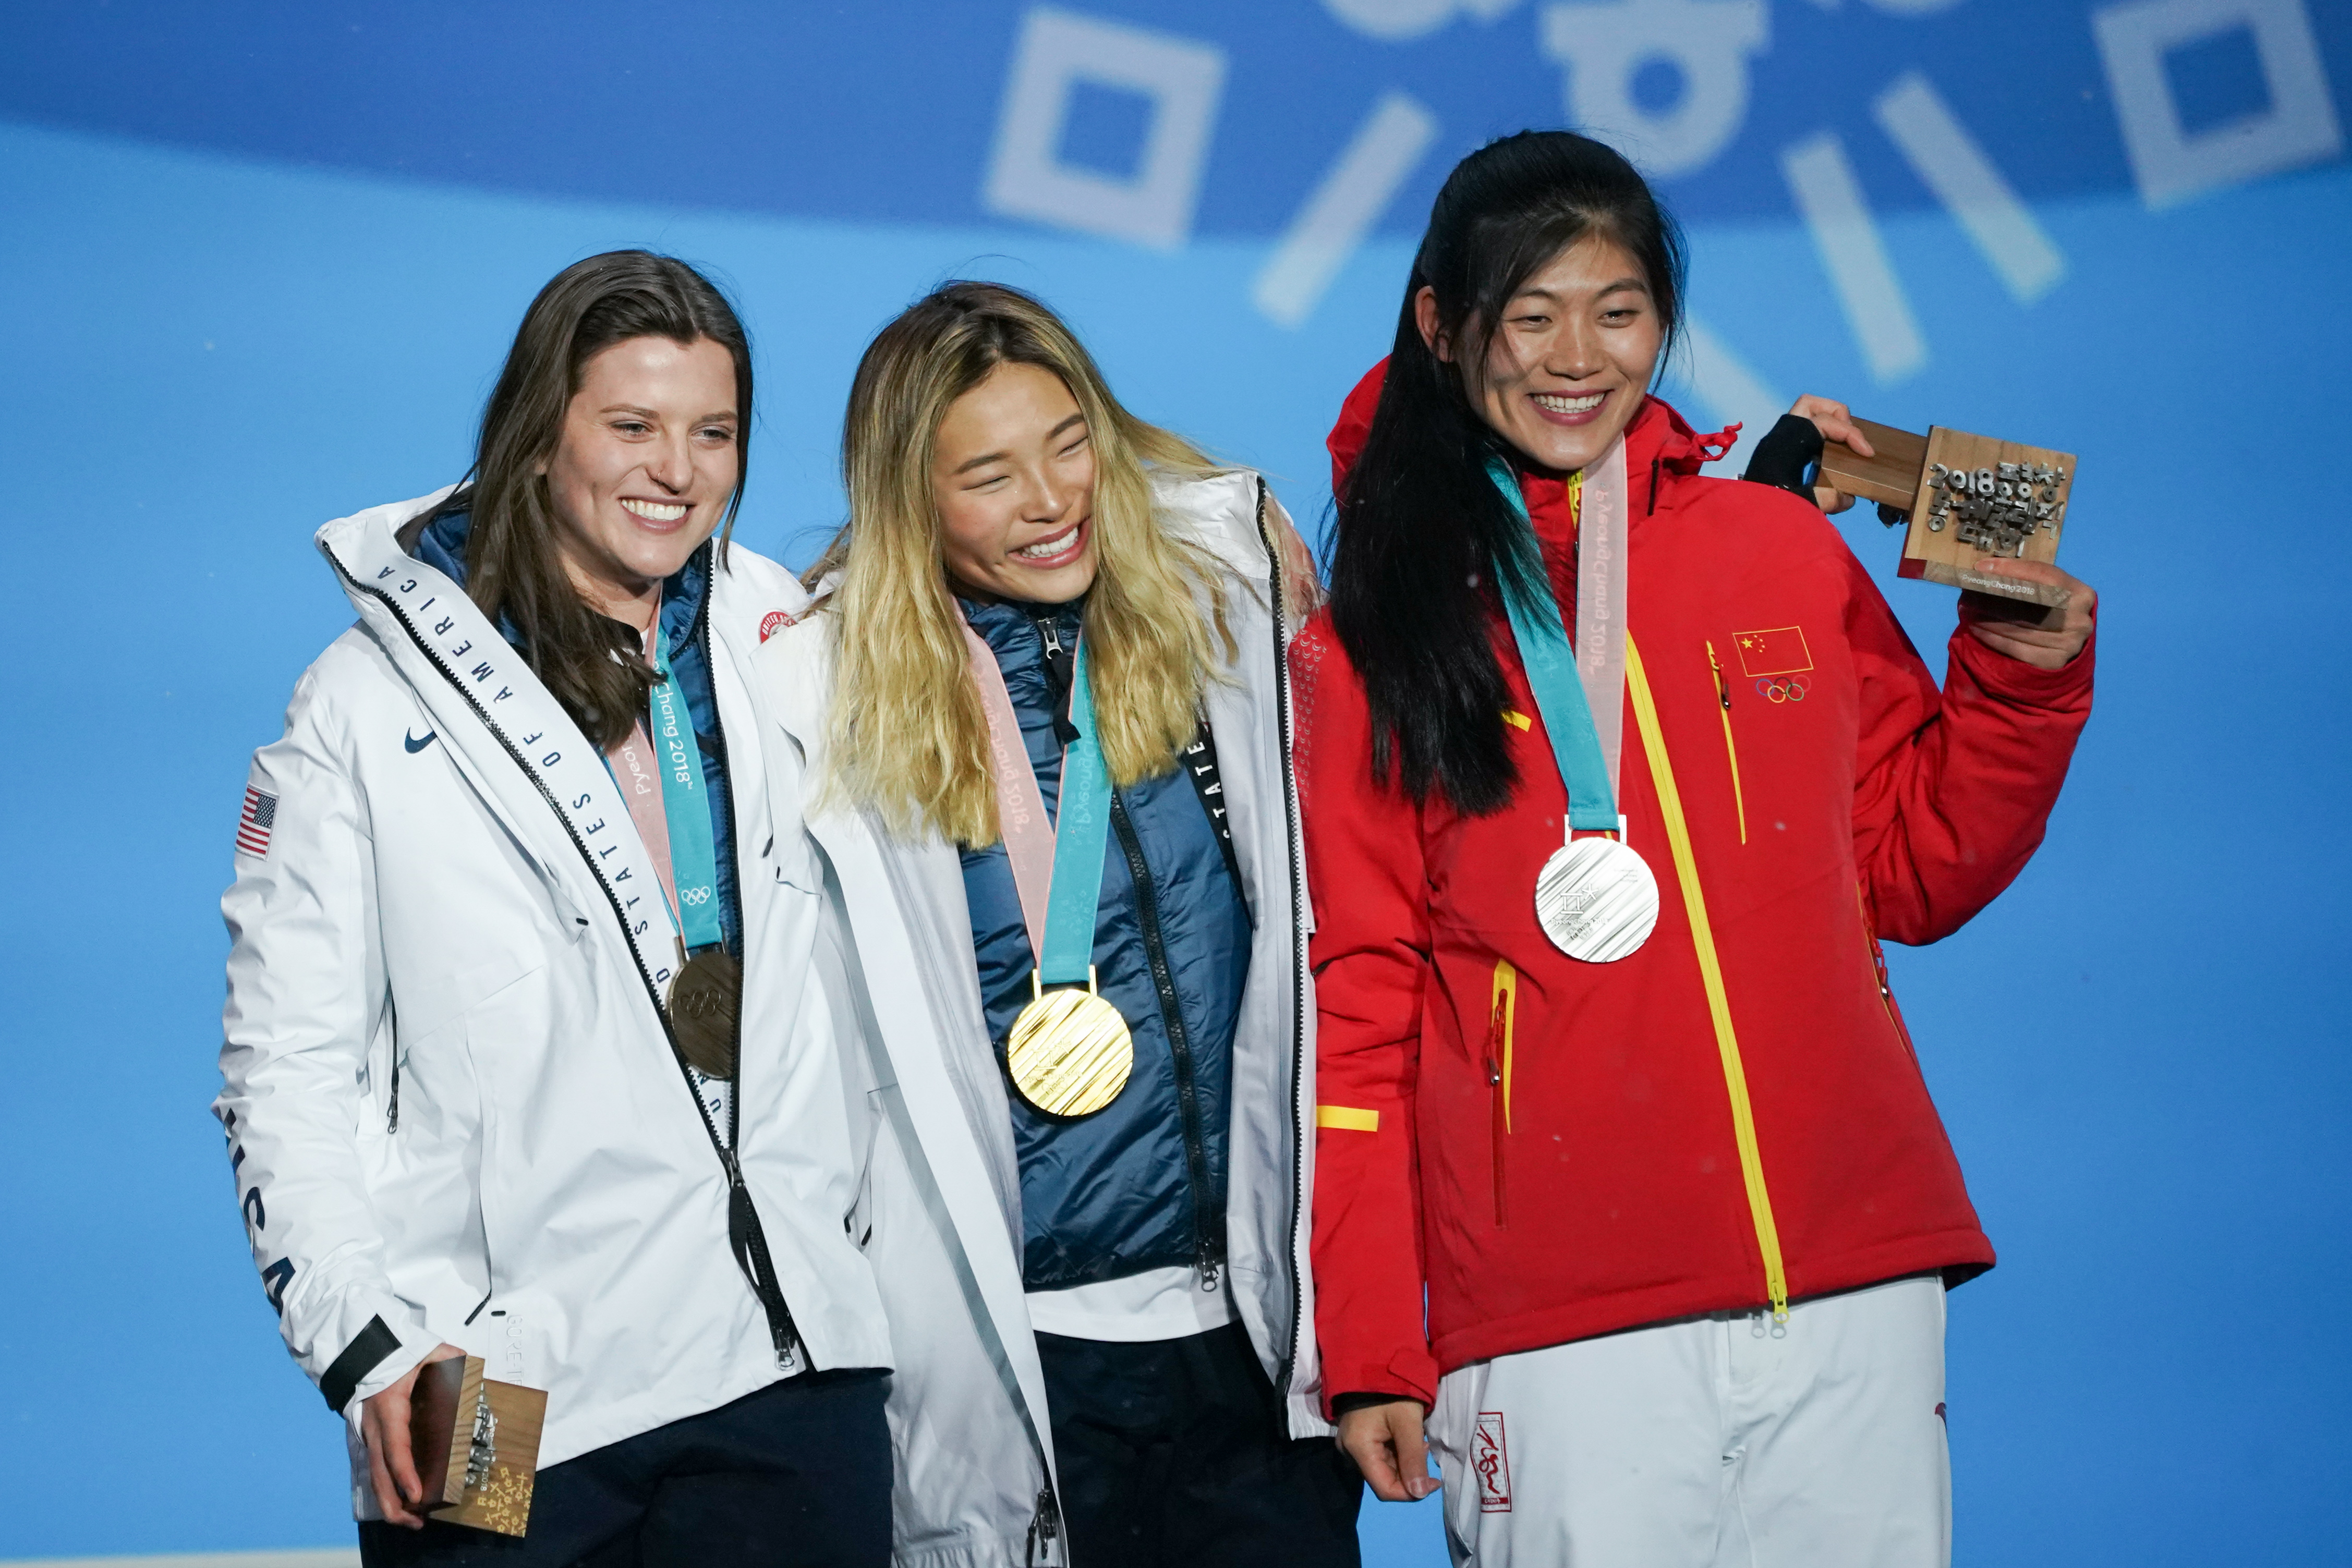 女子單板滑雪U型池頒獎儀式在平昌奧運廣場獎牌宮舉行,中國選手劉佳宇(右)在該項目中獲得銀牌。新華社